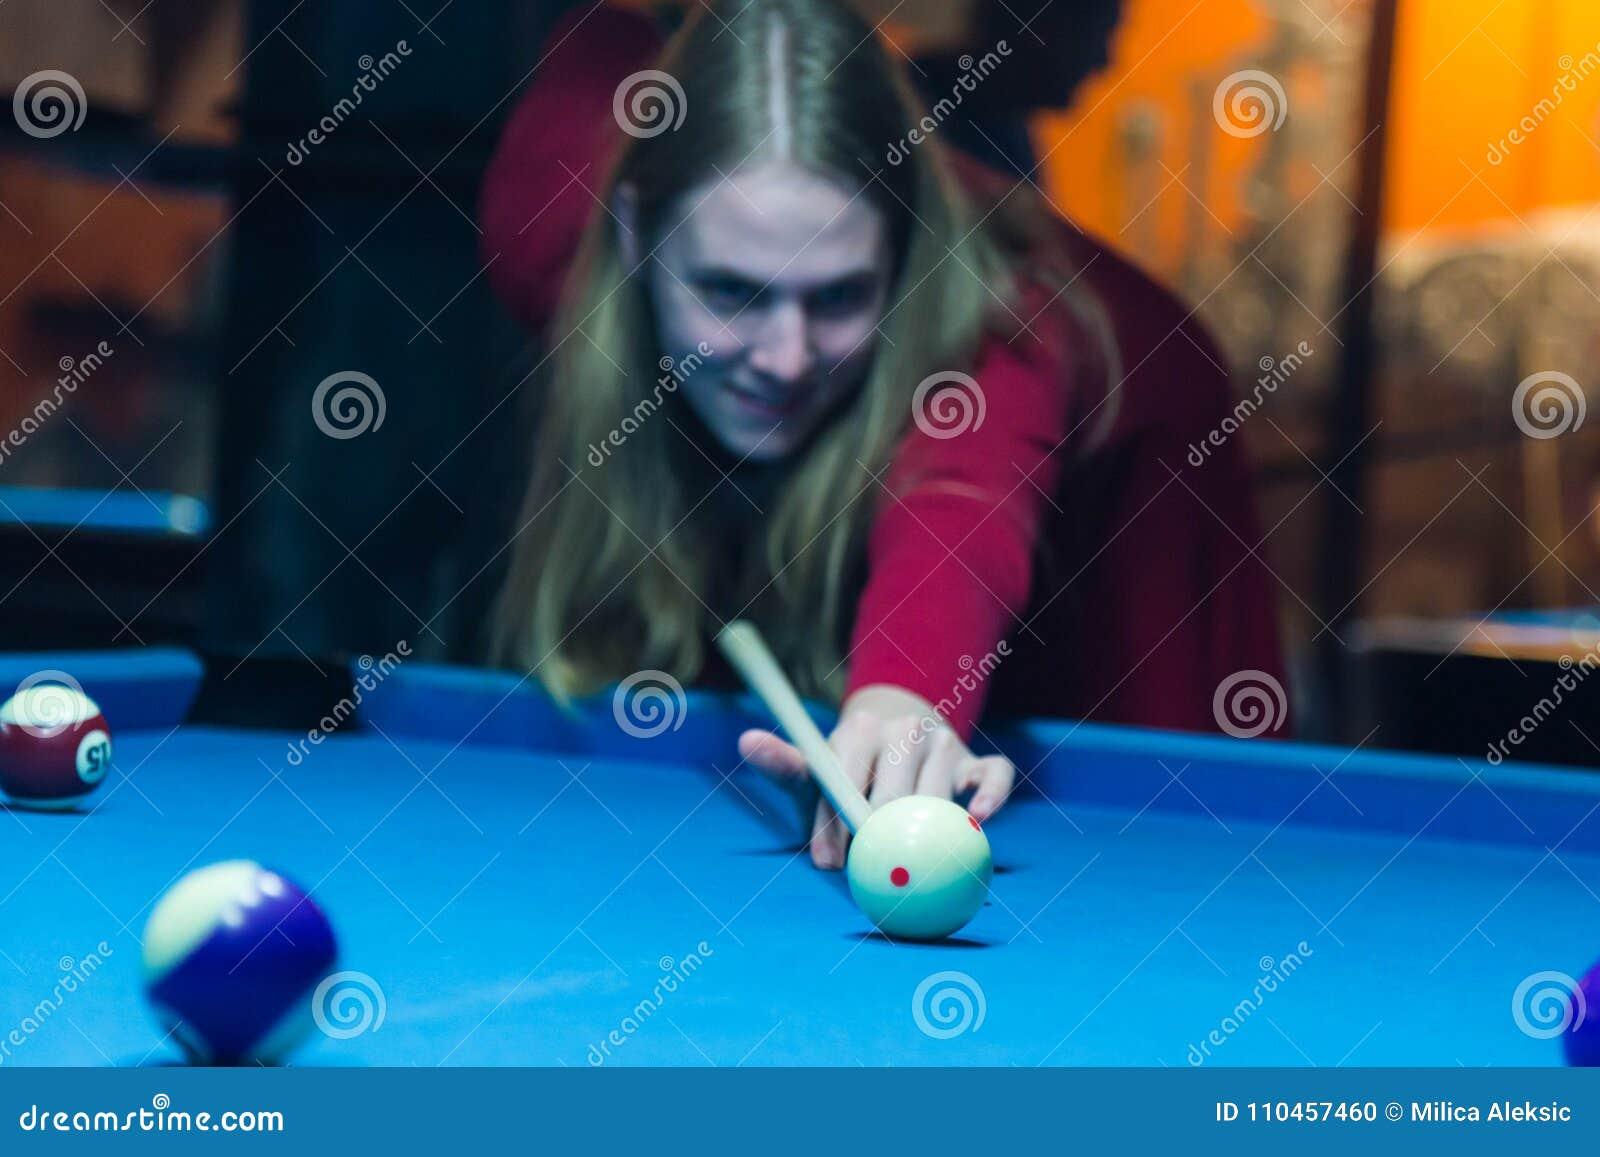 Flickan spelar en billiard på klubban